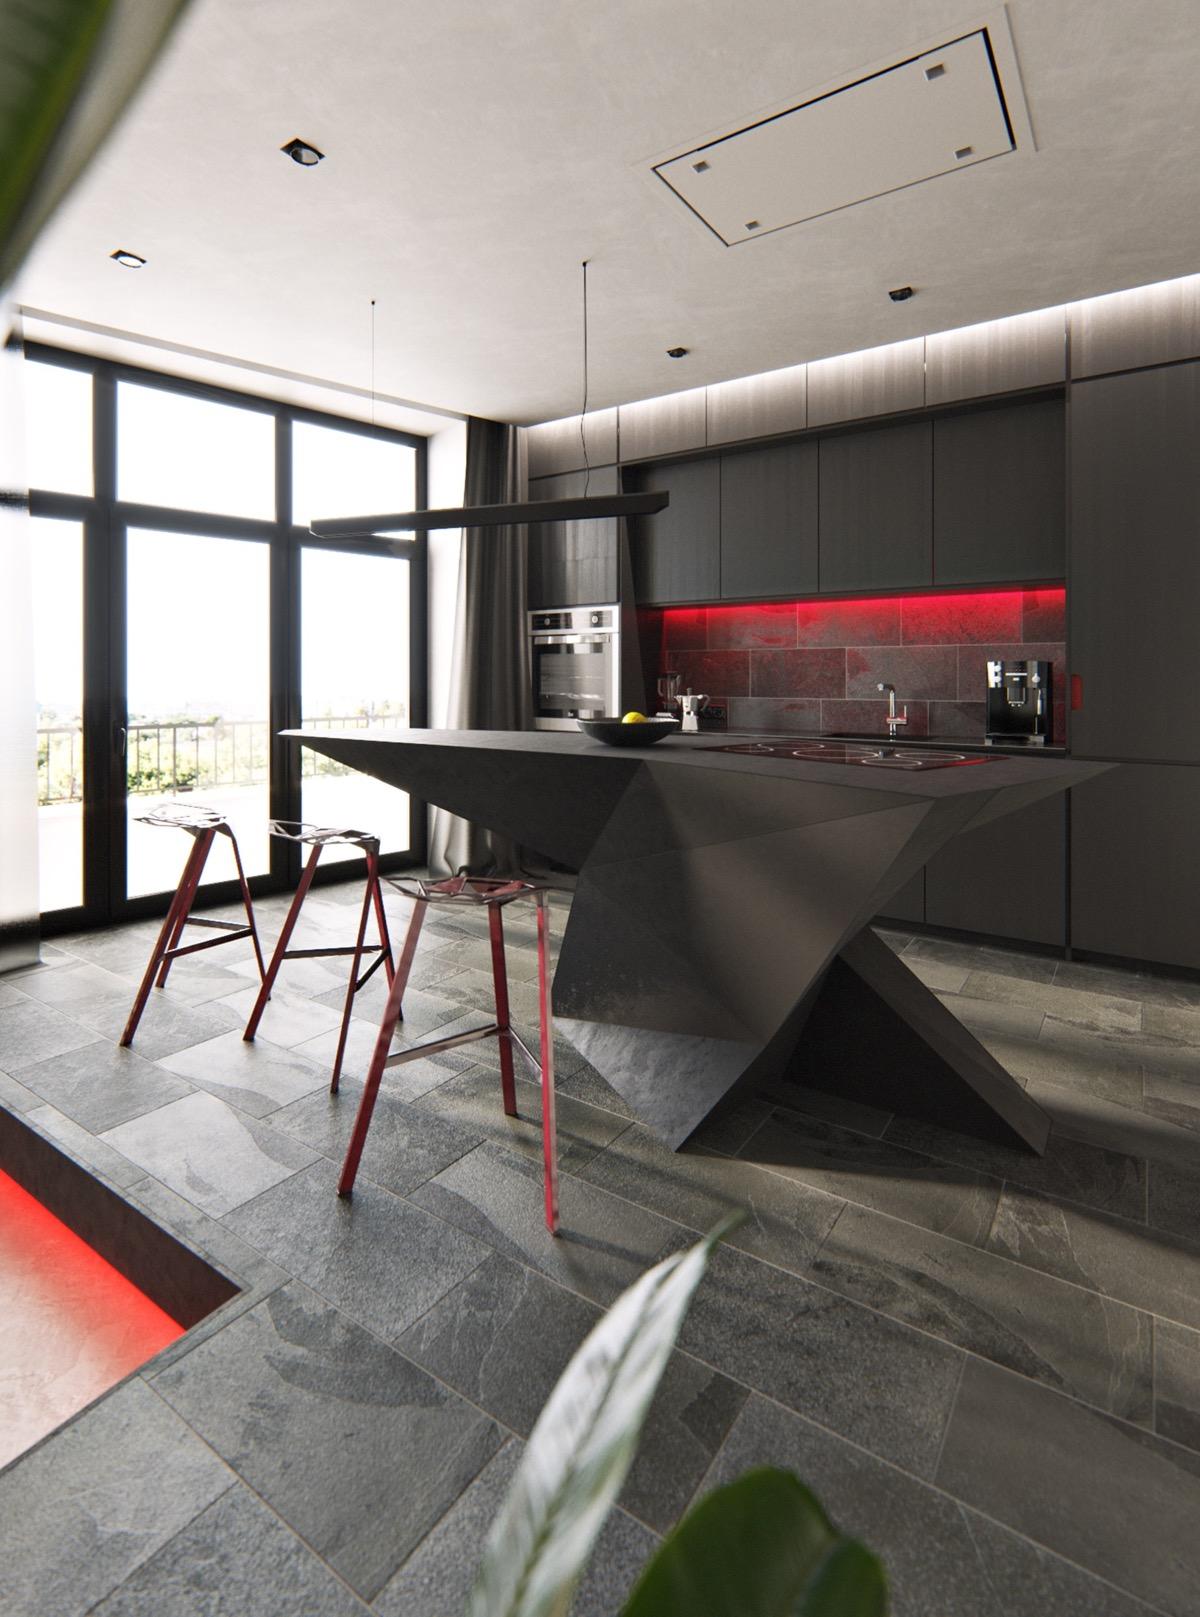 Sleek Ideas For Kitchen Design With Islands: 50 Stunning Modern Kitchen Island Designs